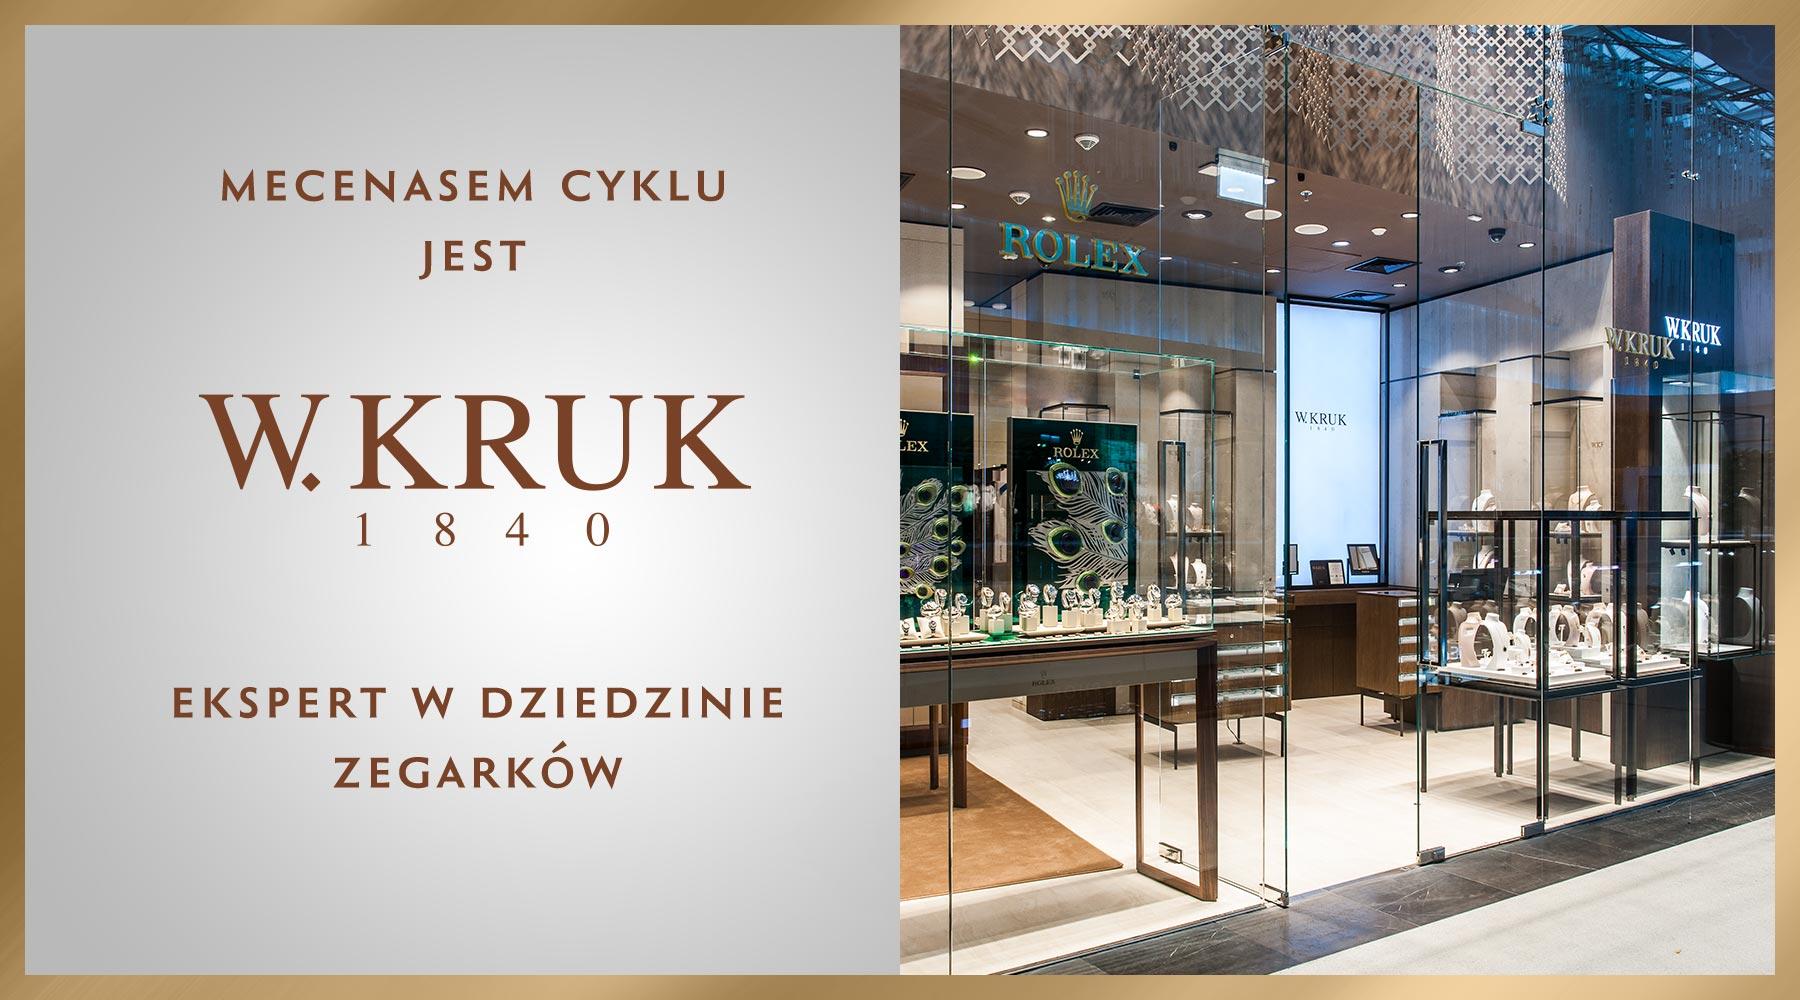 W.Kruk - mecenas cyklu Kultowe Zegarki